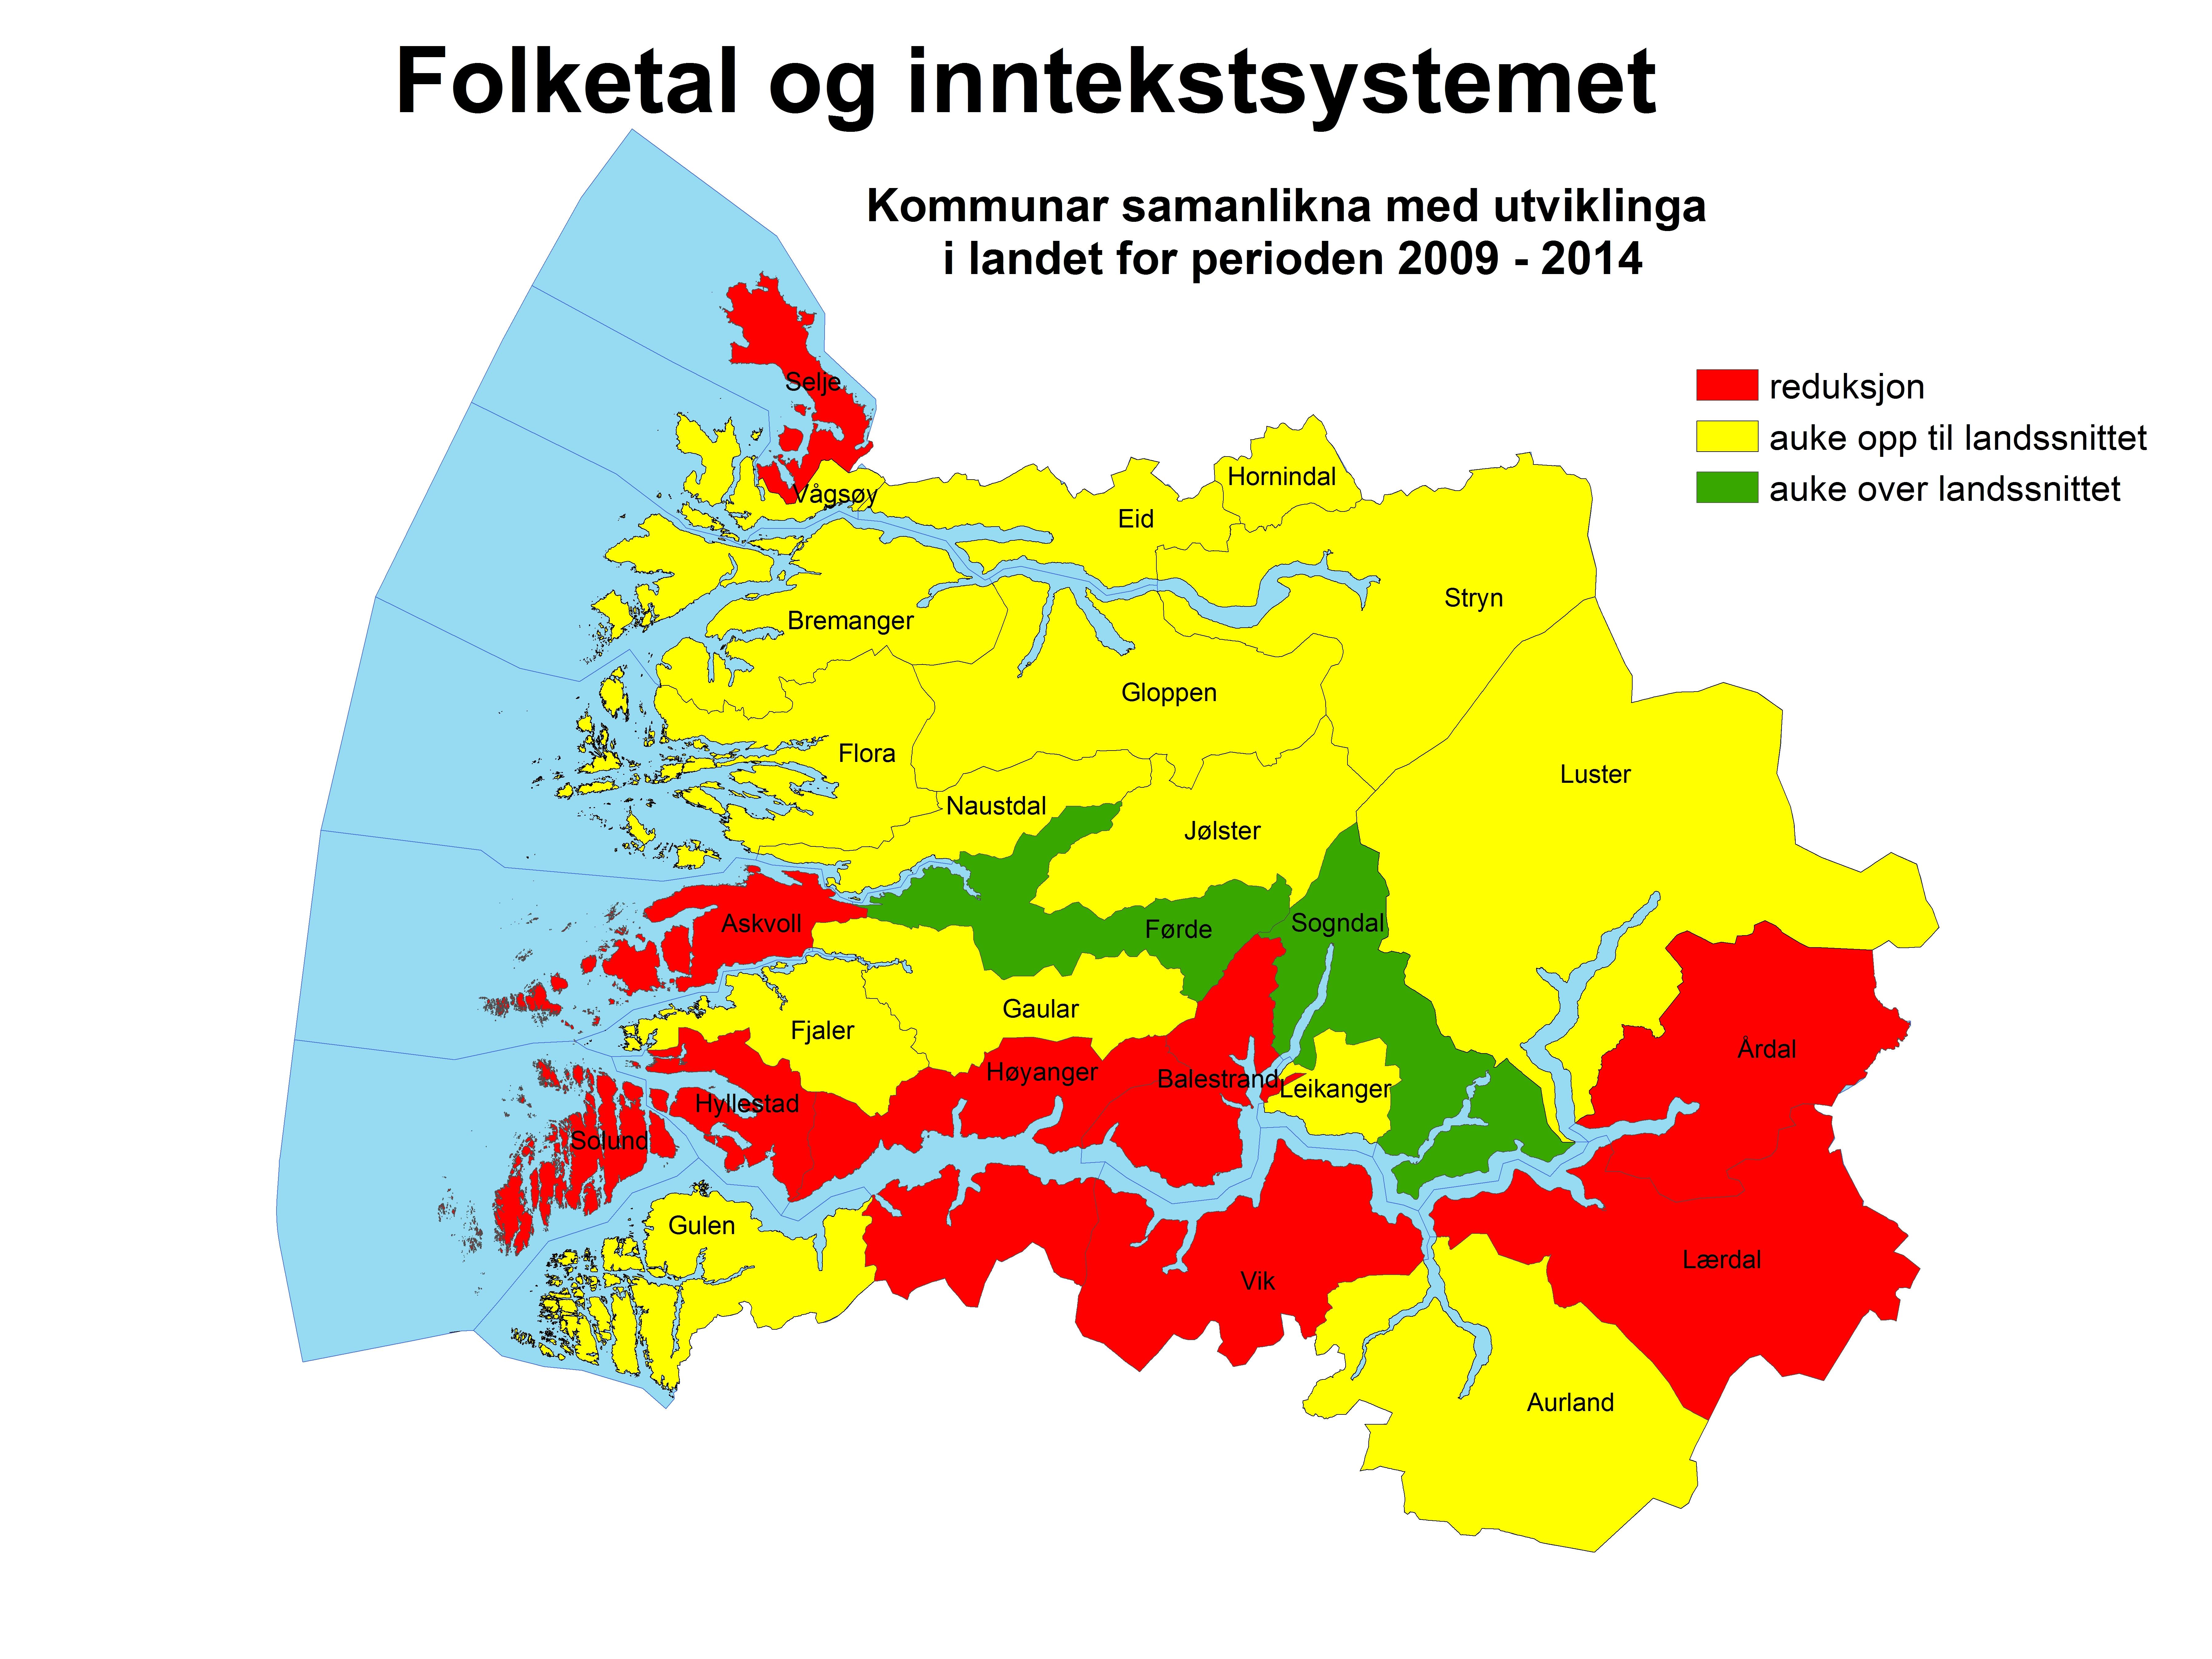 Folketal og inntektssystem. Kjelde: Fylkesmannen i Sogn og Fjordane